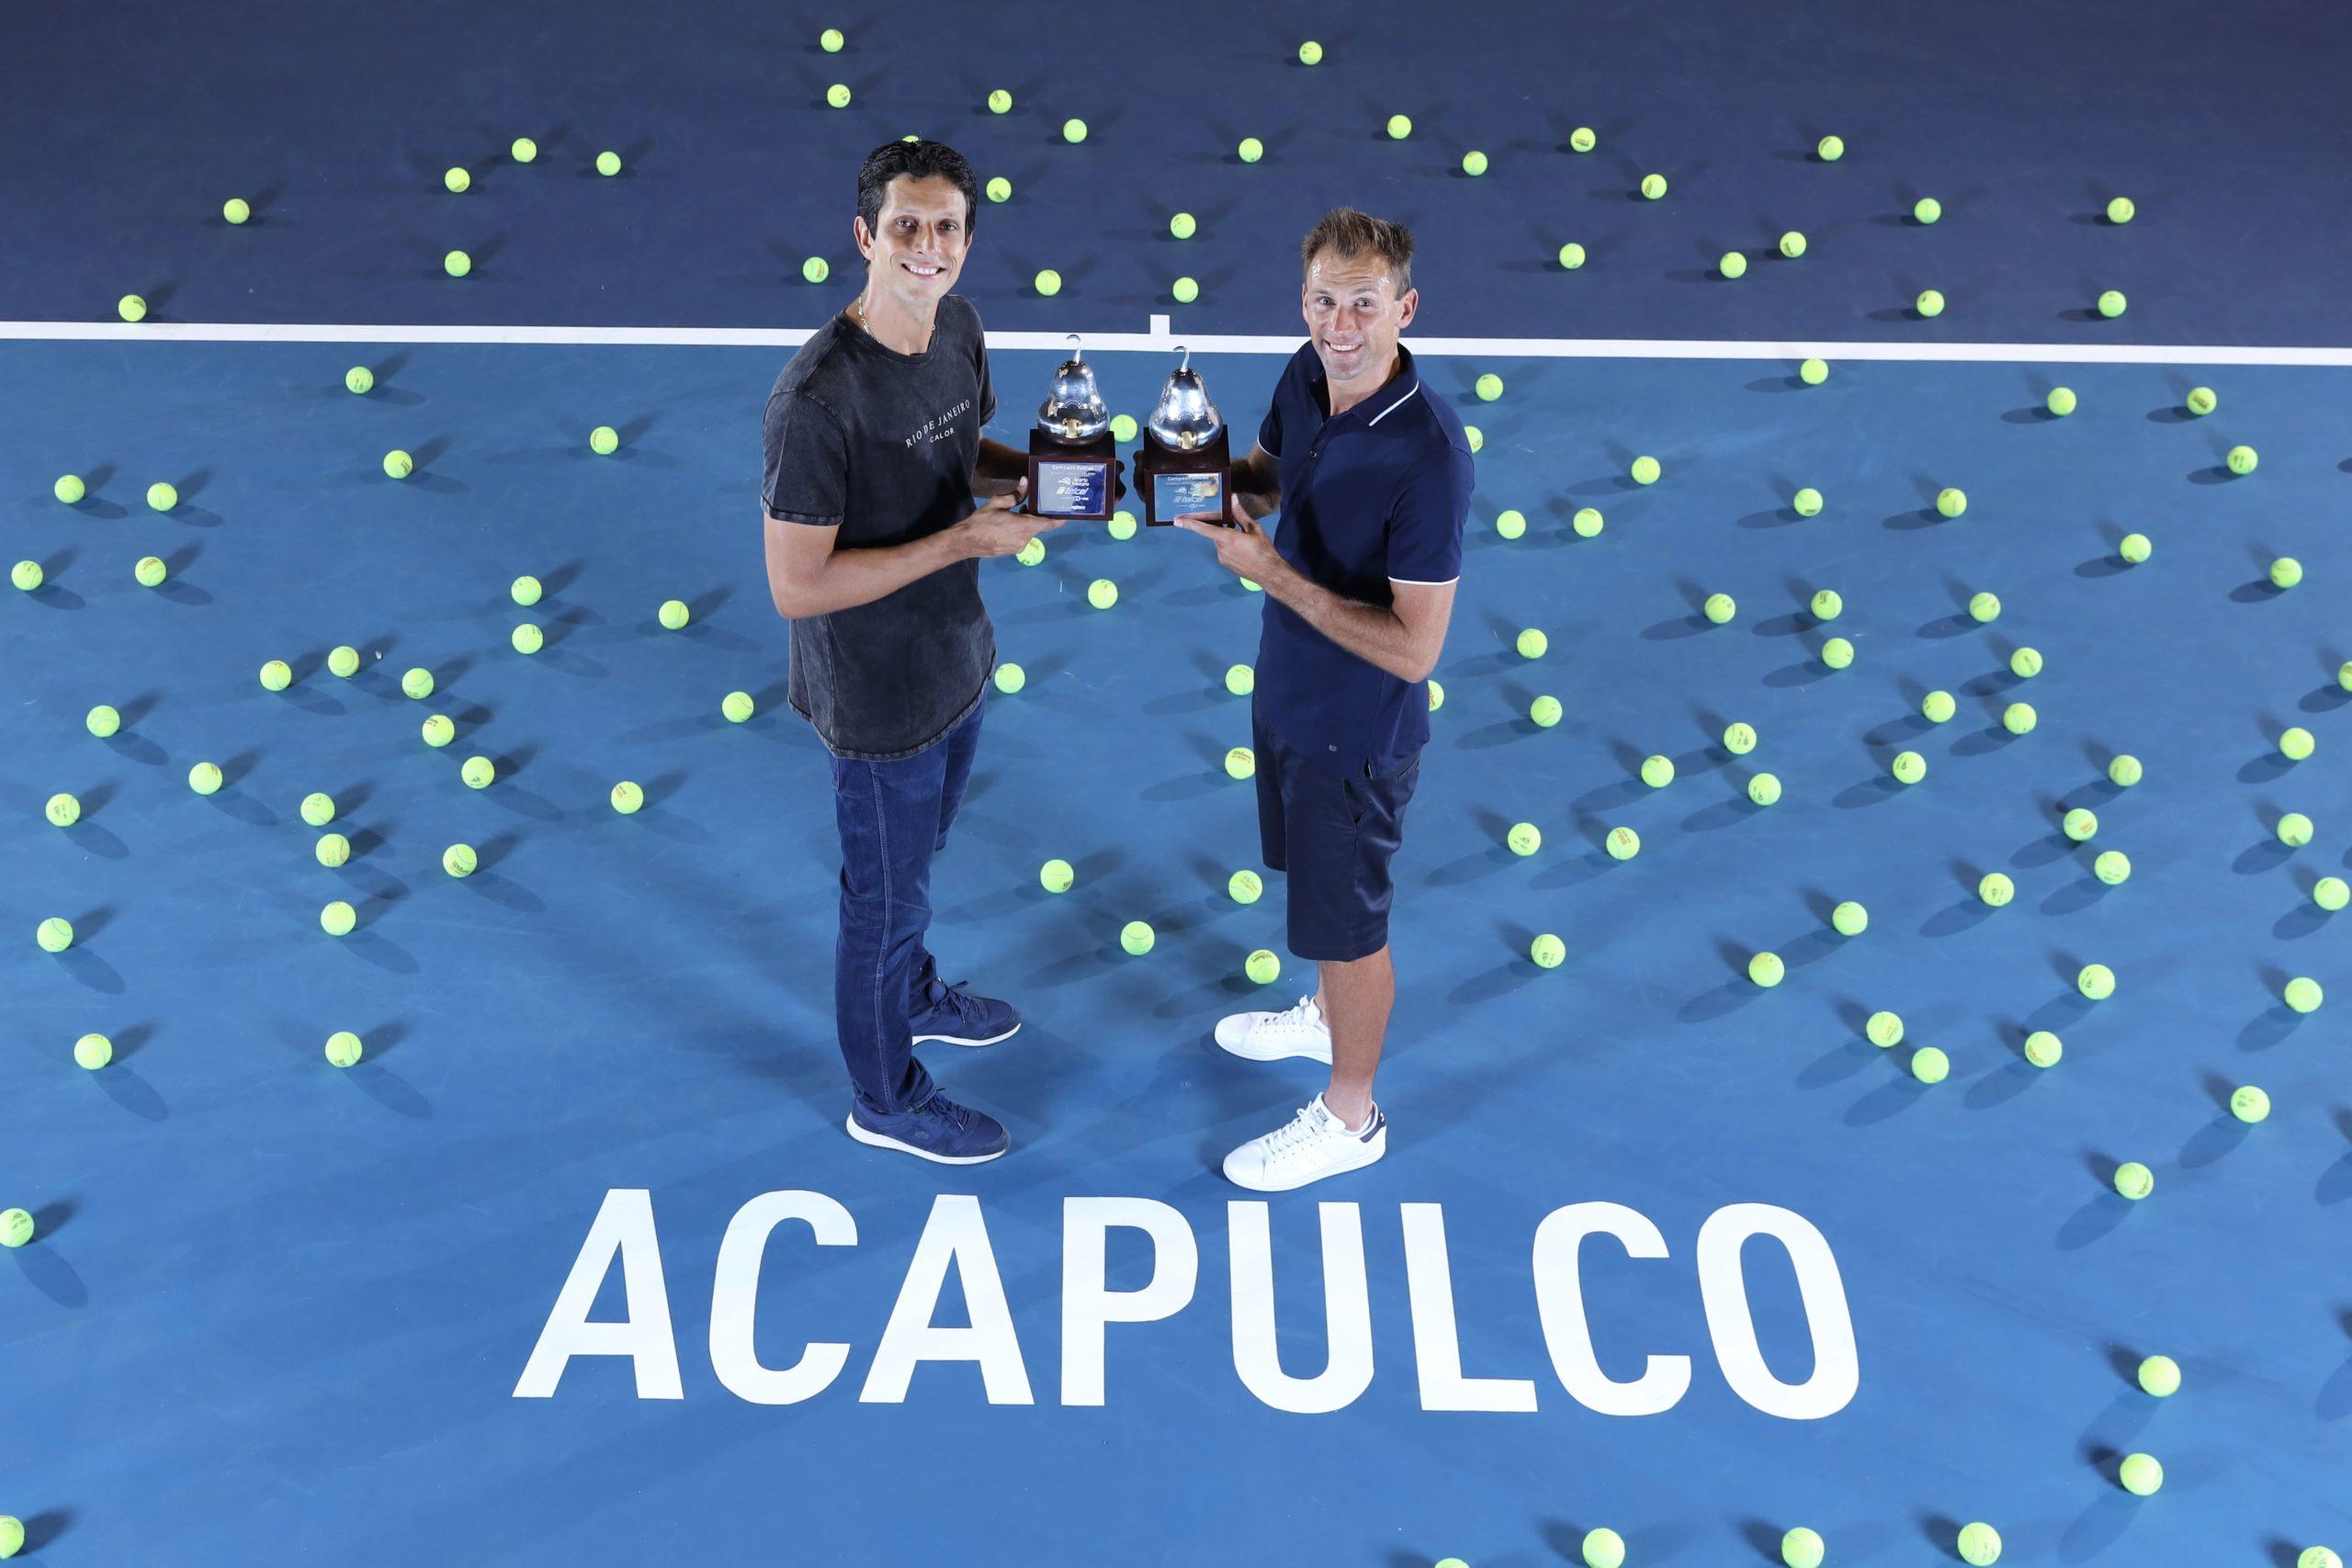 Kubot y Melo, festejaron otro título de dobles en el ATM